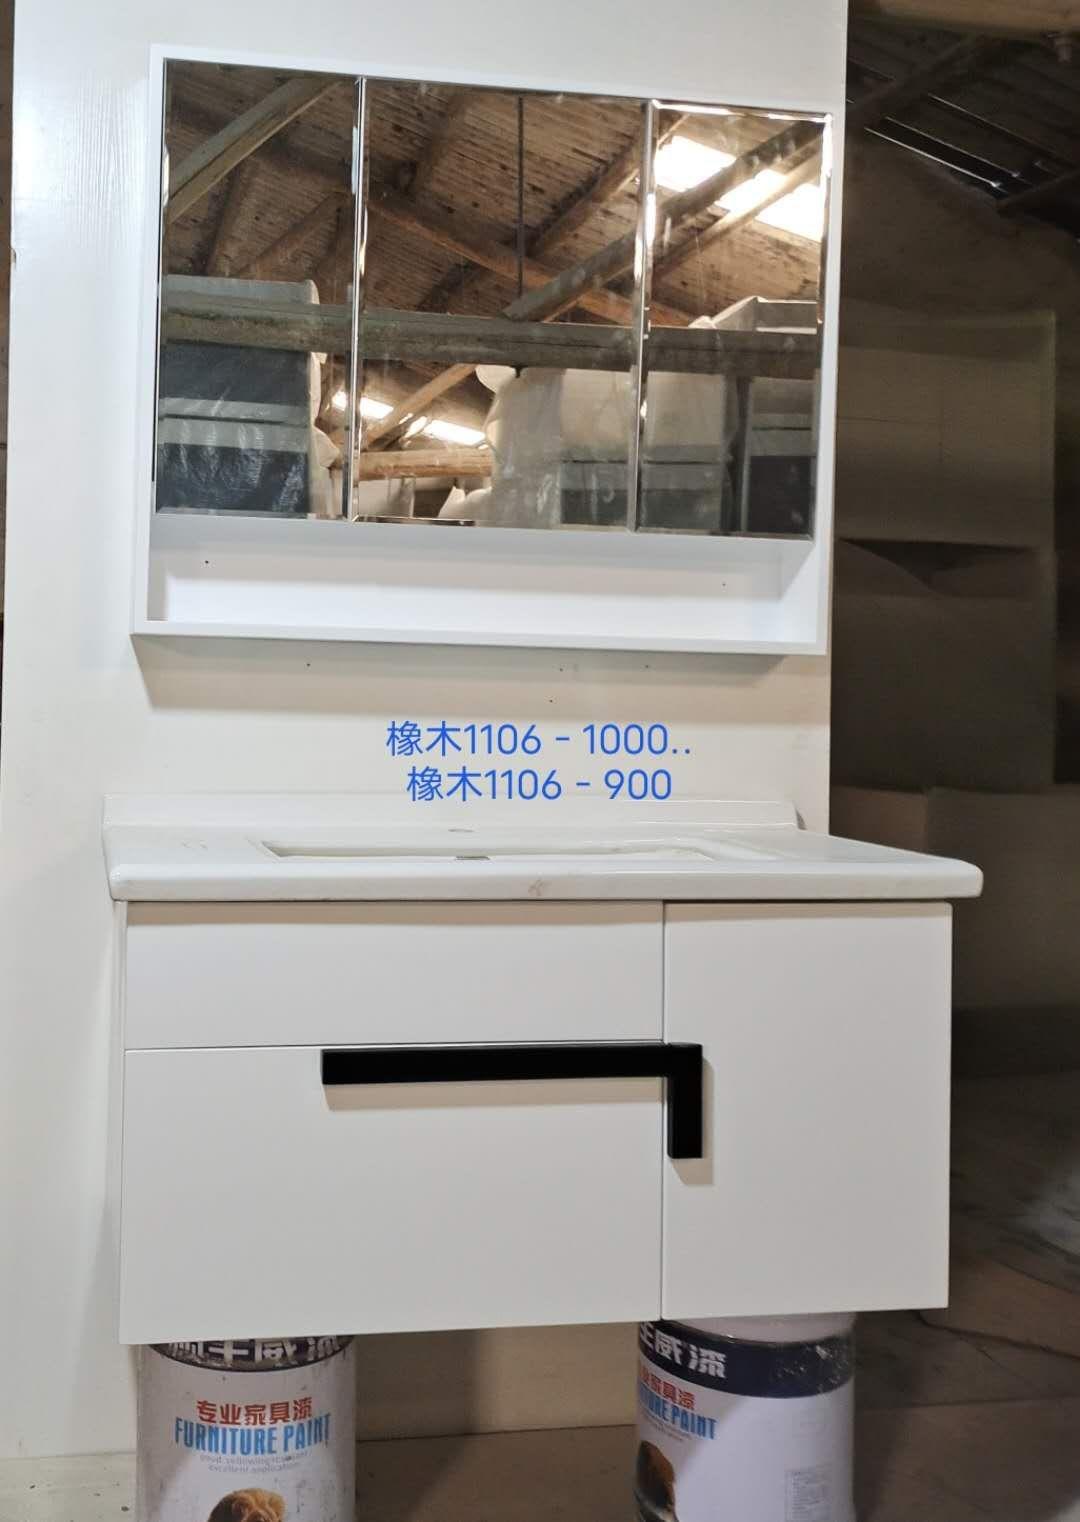 橡木1106款